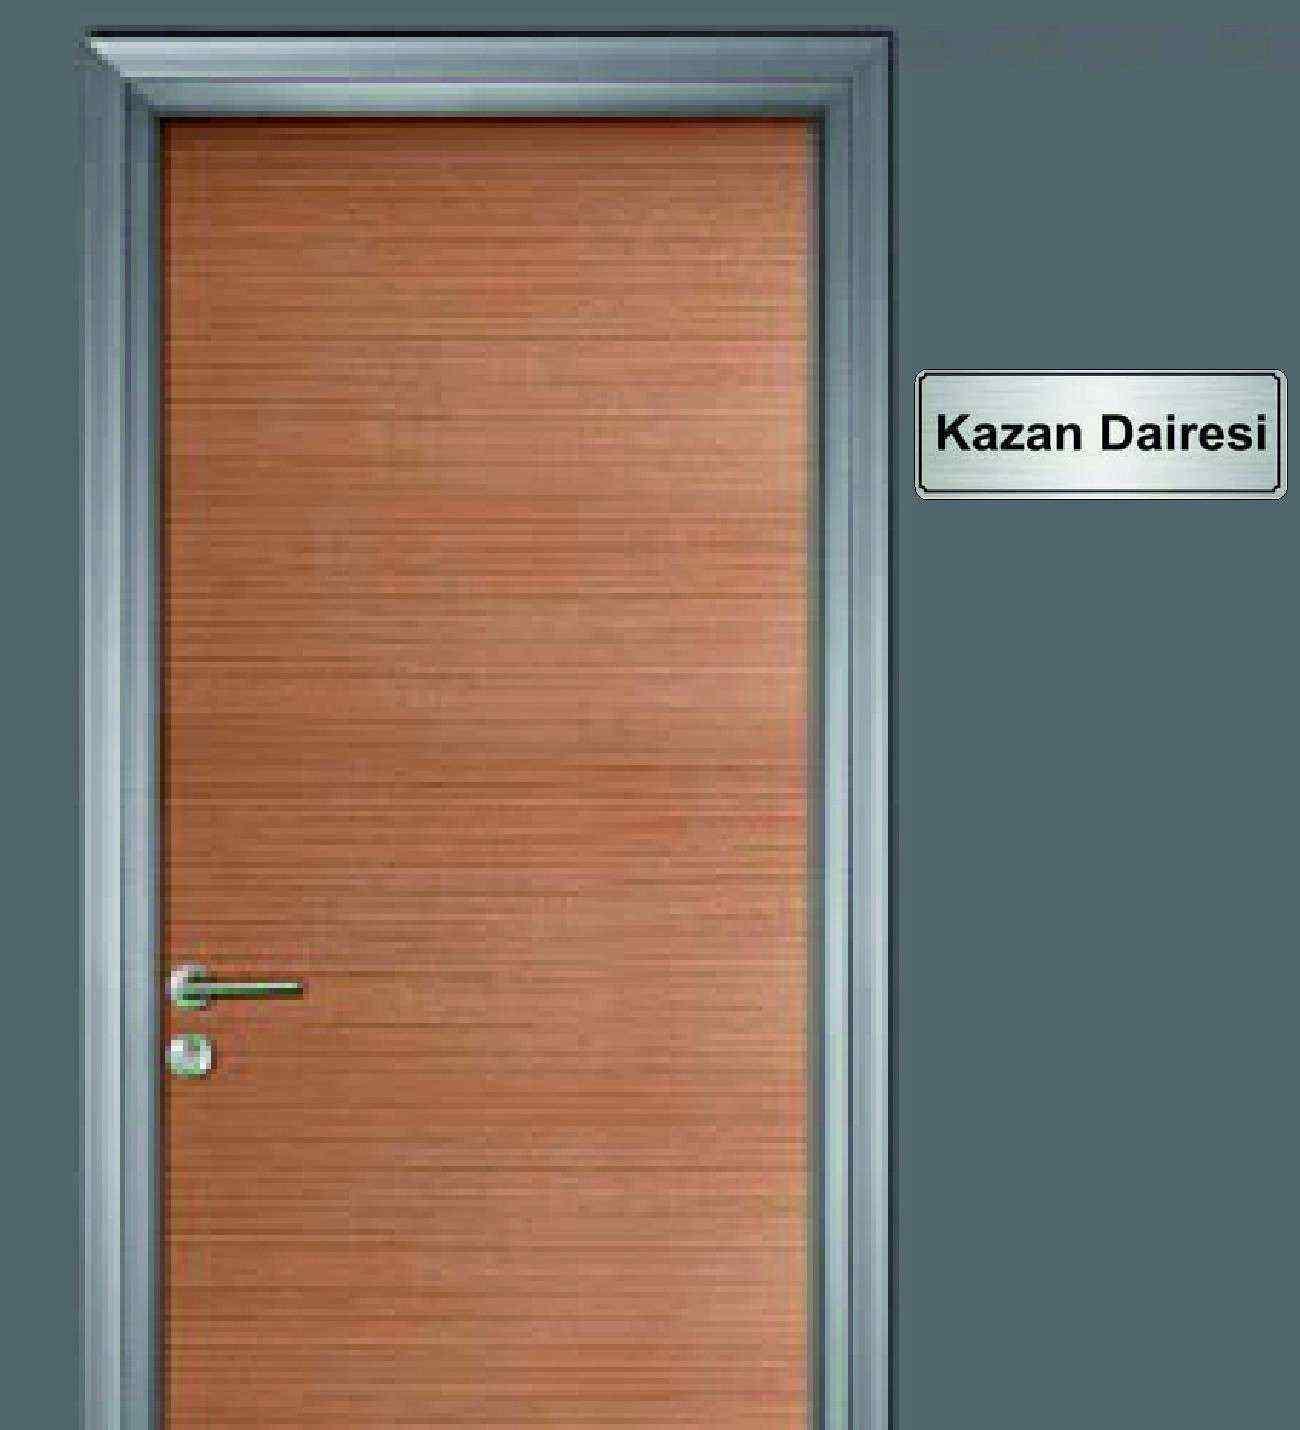 10x20 cm Kazan Dairesi Yazılı Metal Yönlendirme Levhası